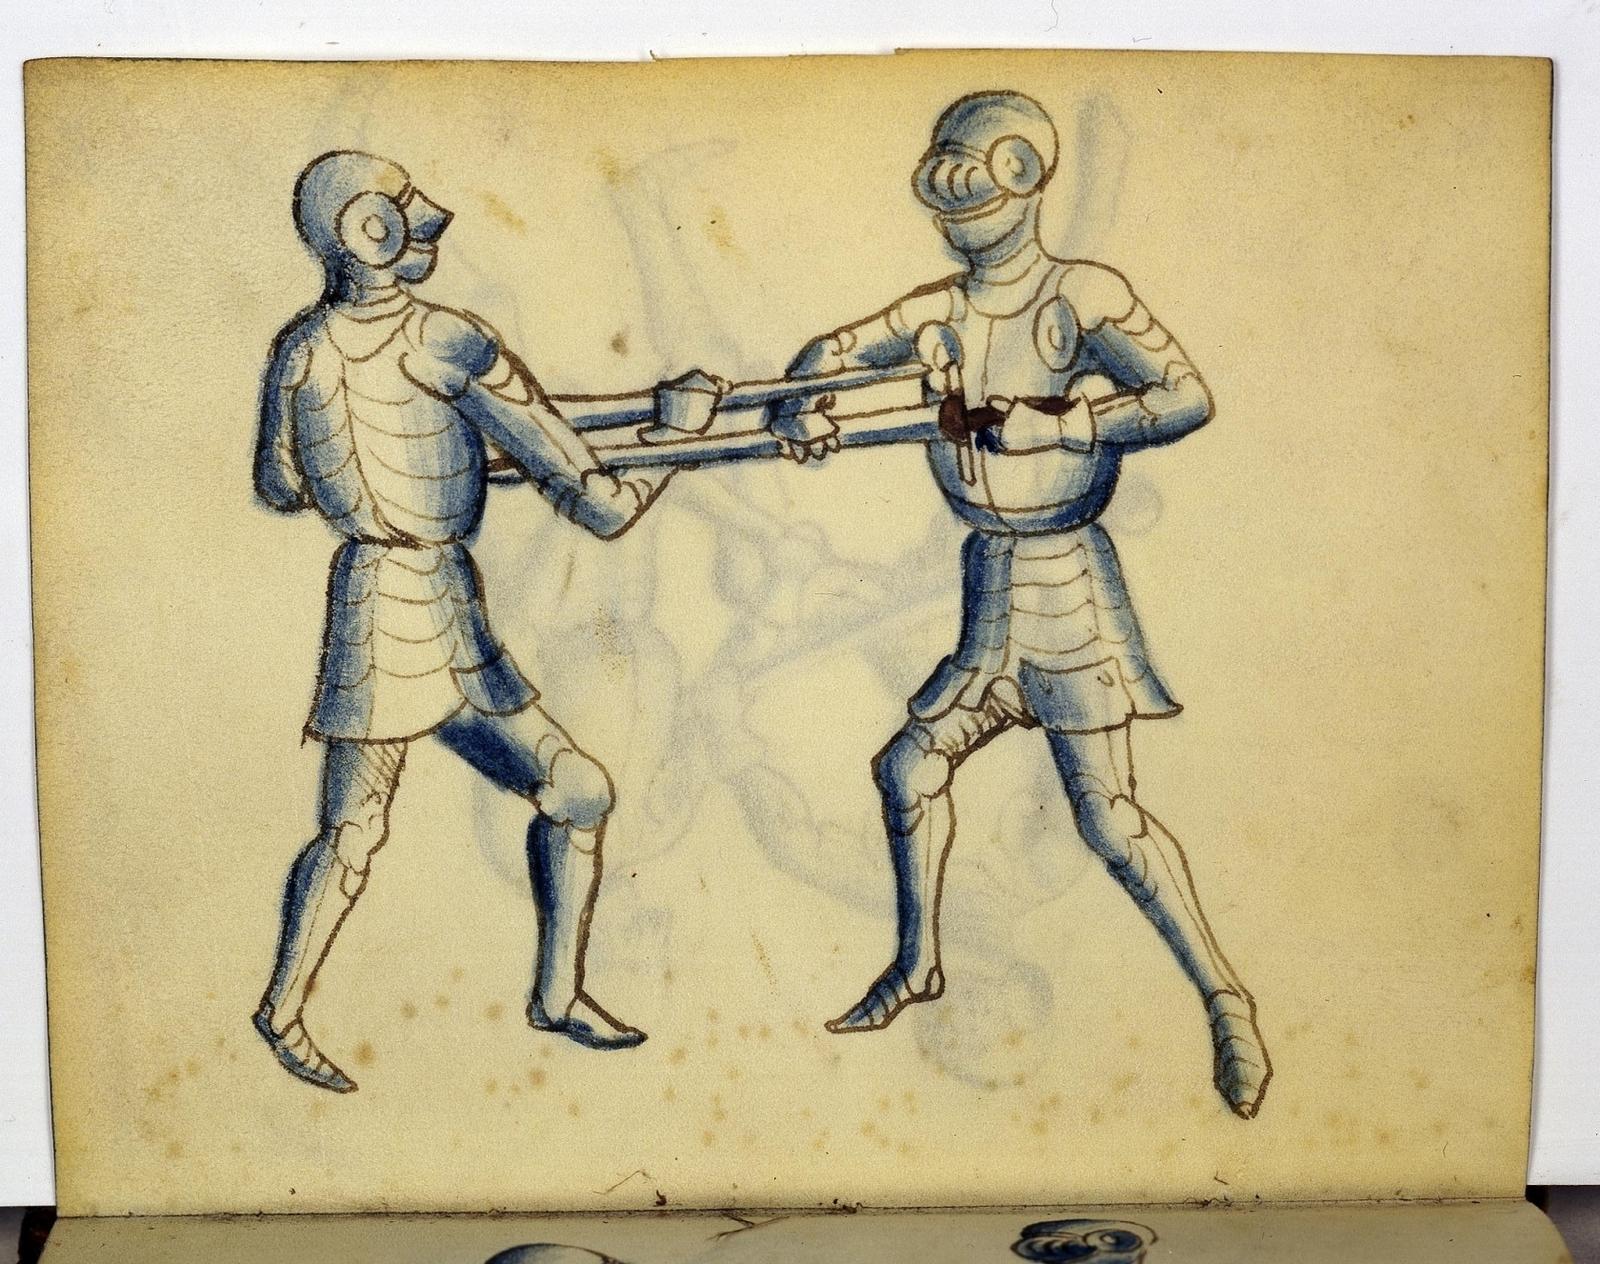 Cod. 11093, fol. 24v: Fecht - und Ringbuch